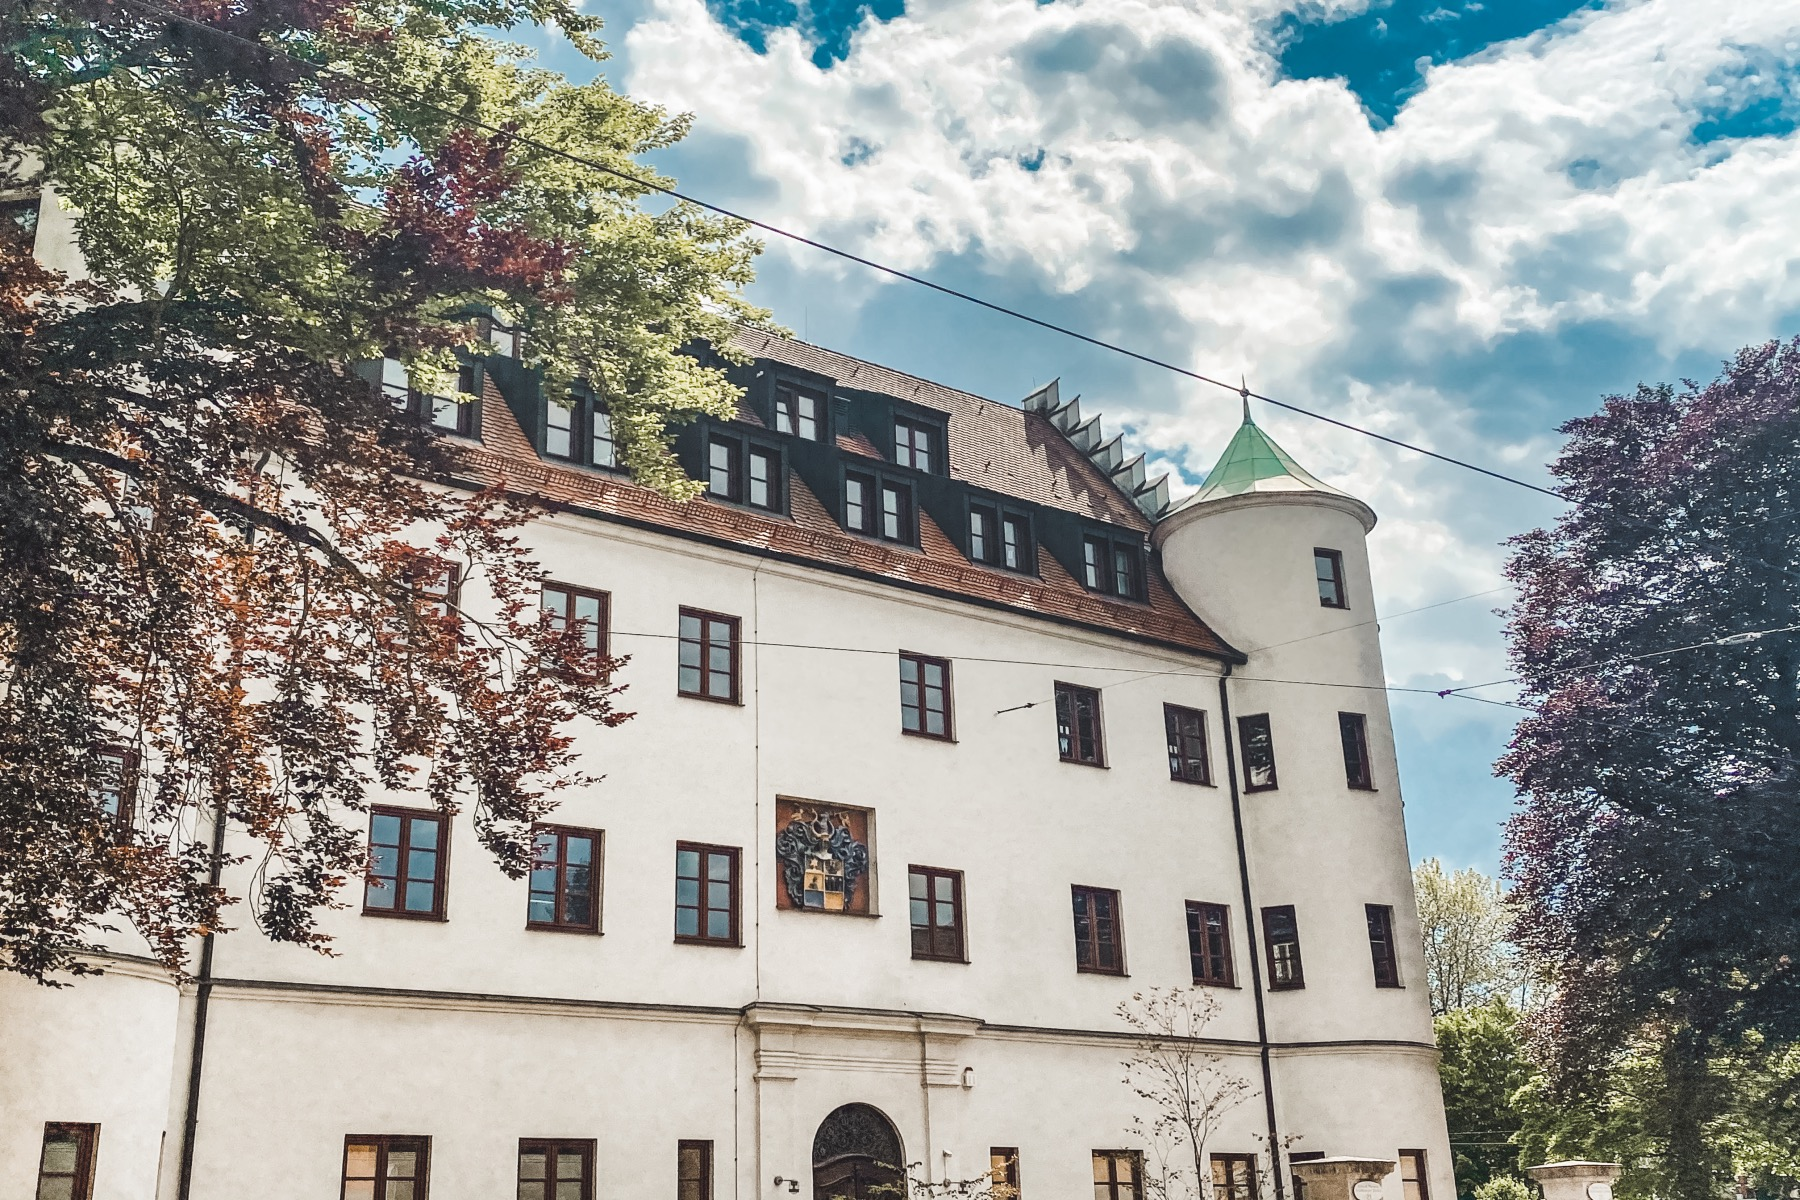 Das Pferseer Schlössle beherbergte über die Jahrhunderte ein Lazarett, ein Finanzamt, das Armen und Krankenhaus der Barmherzigen Schwestern und ein Infektionskrankenhaus für Lungenerkrankungen. Heute befinden sich darin Arztpraxen und Büros.